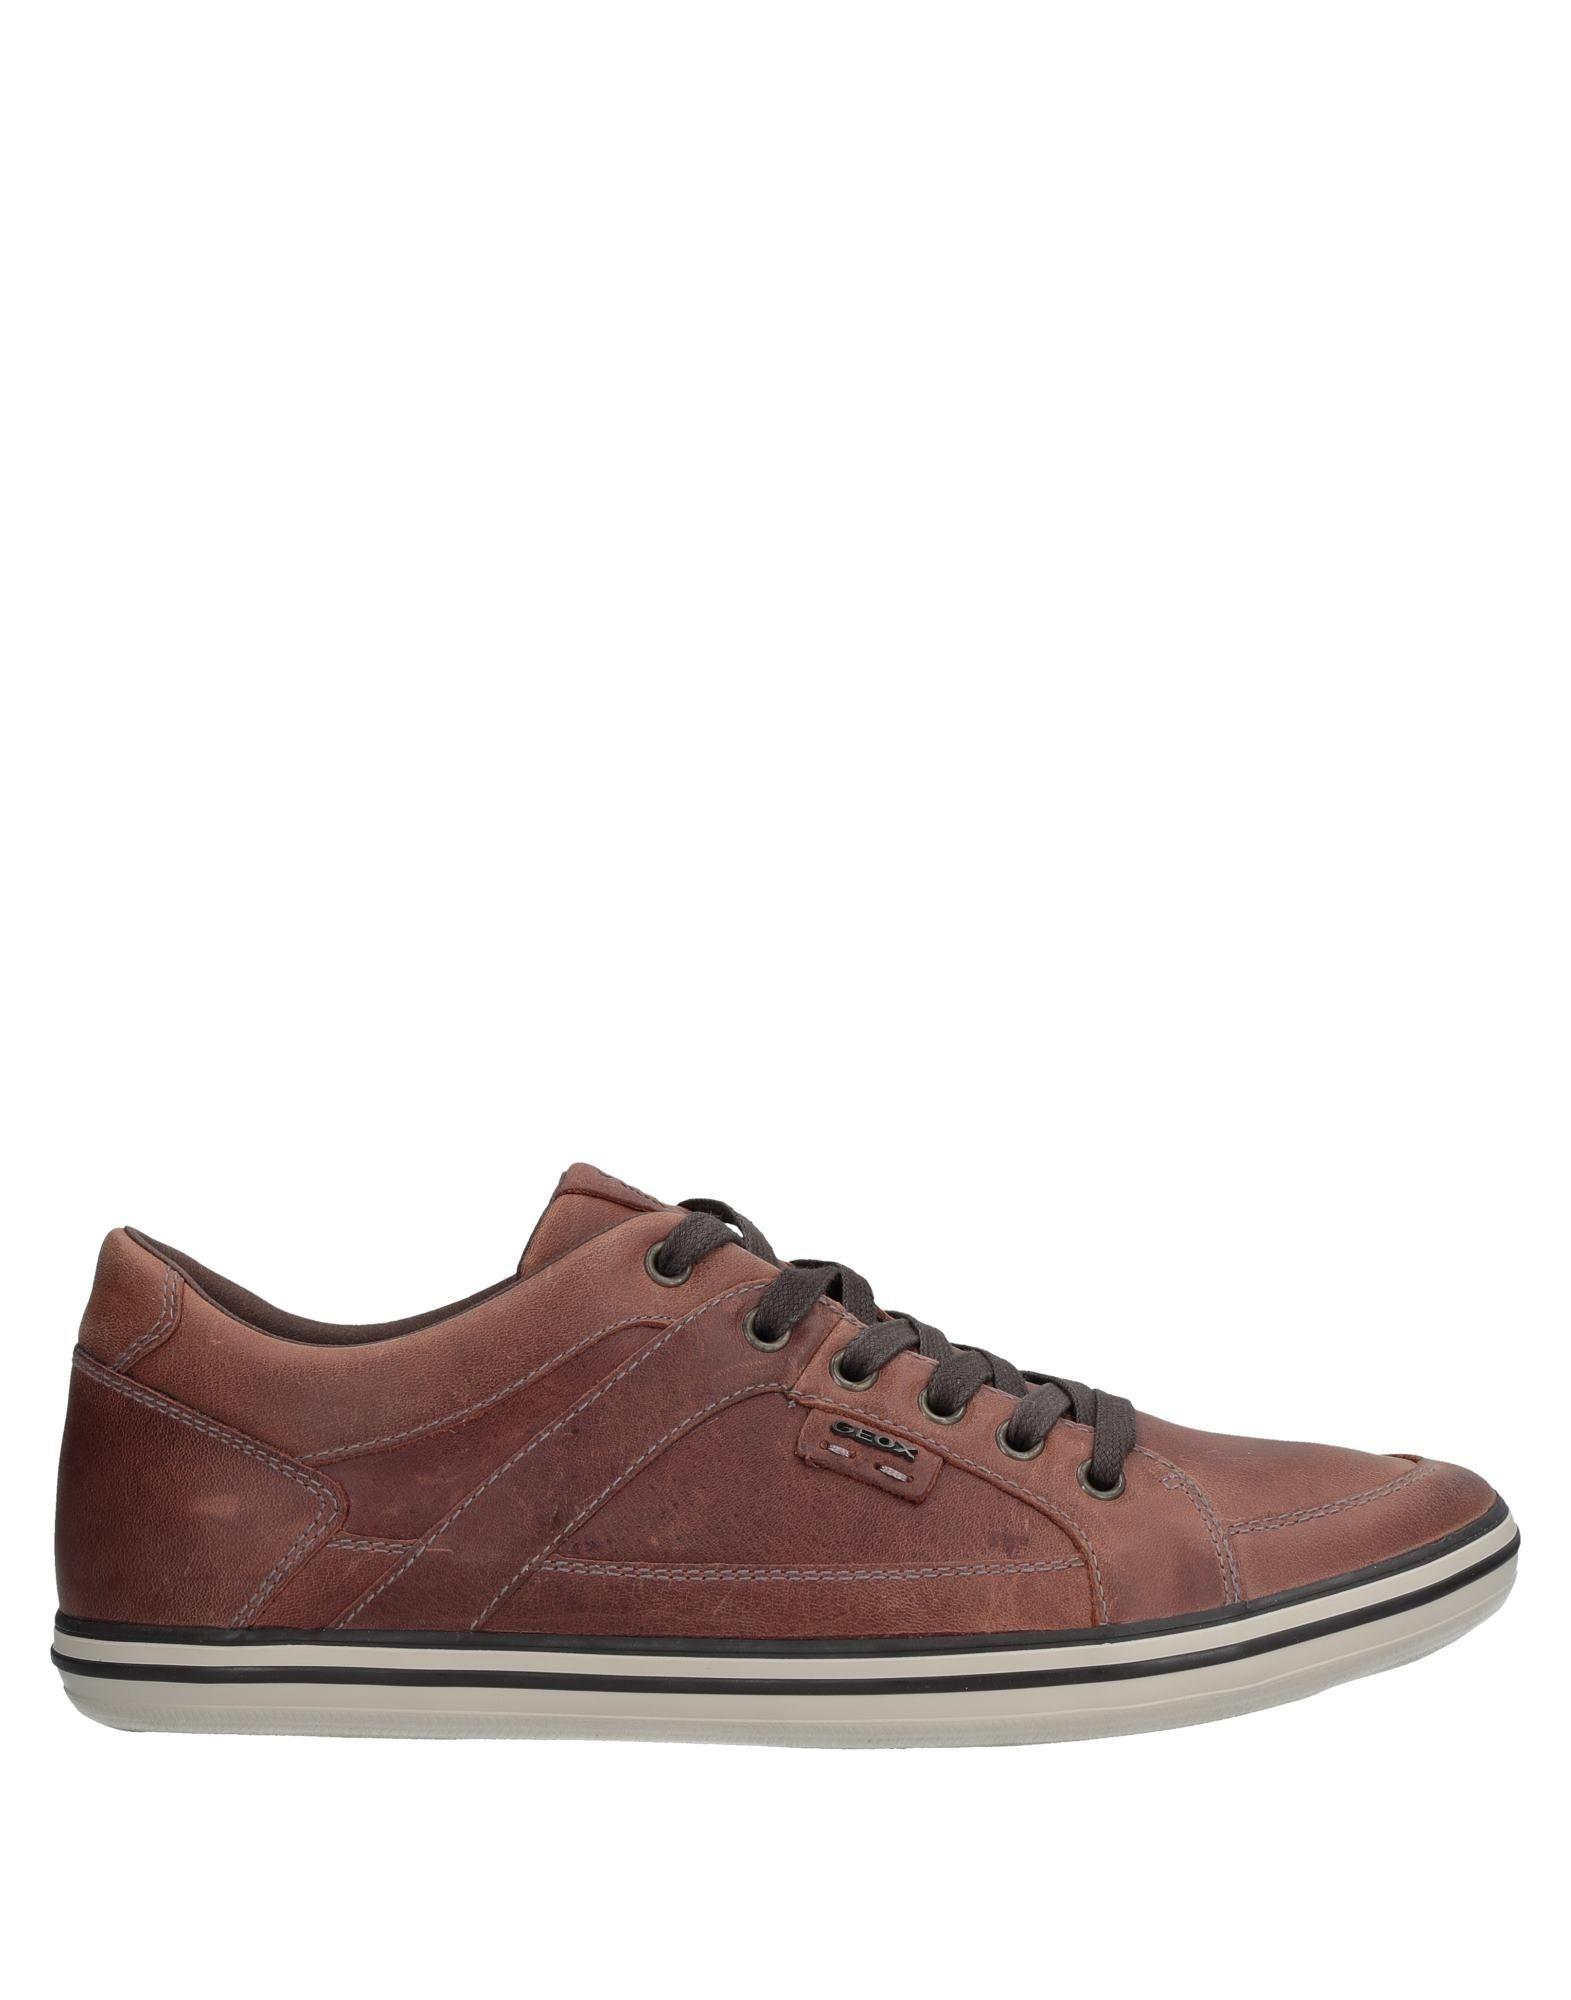 Scarpe economiche e resistenti Sneakers Geox Uomo - 11541240IU